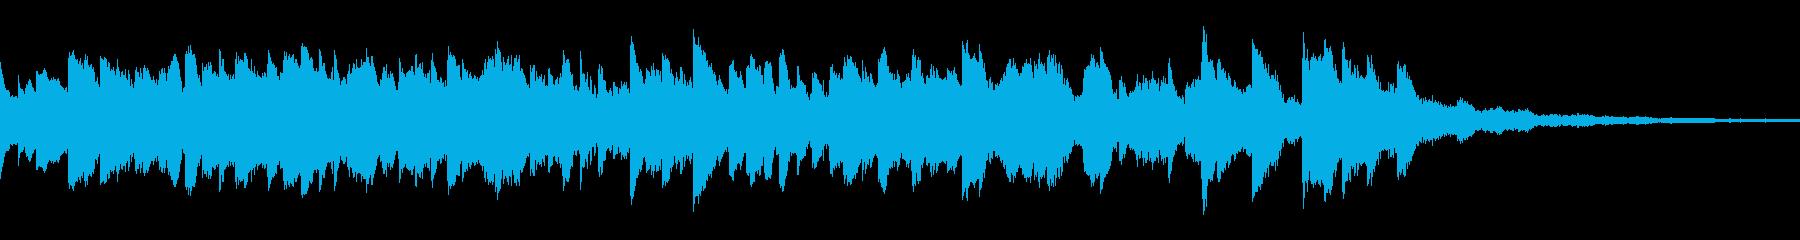 不思議な雰囲気のオルゴールの再生済みの波形